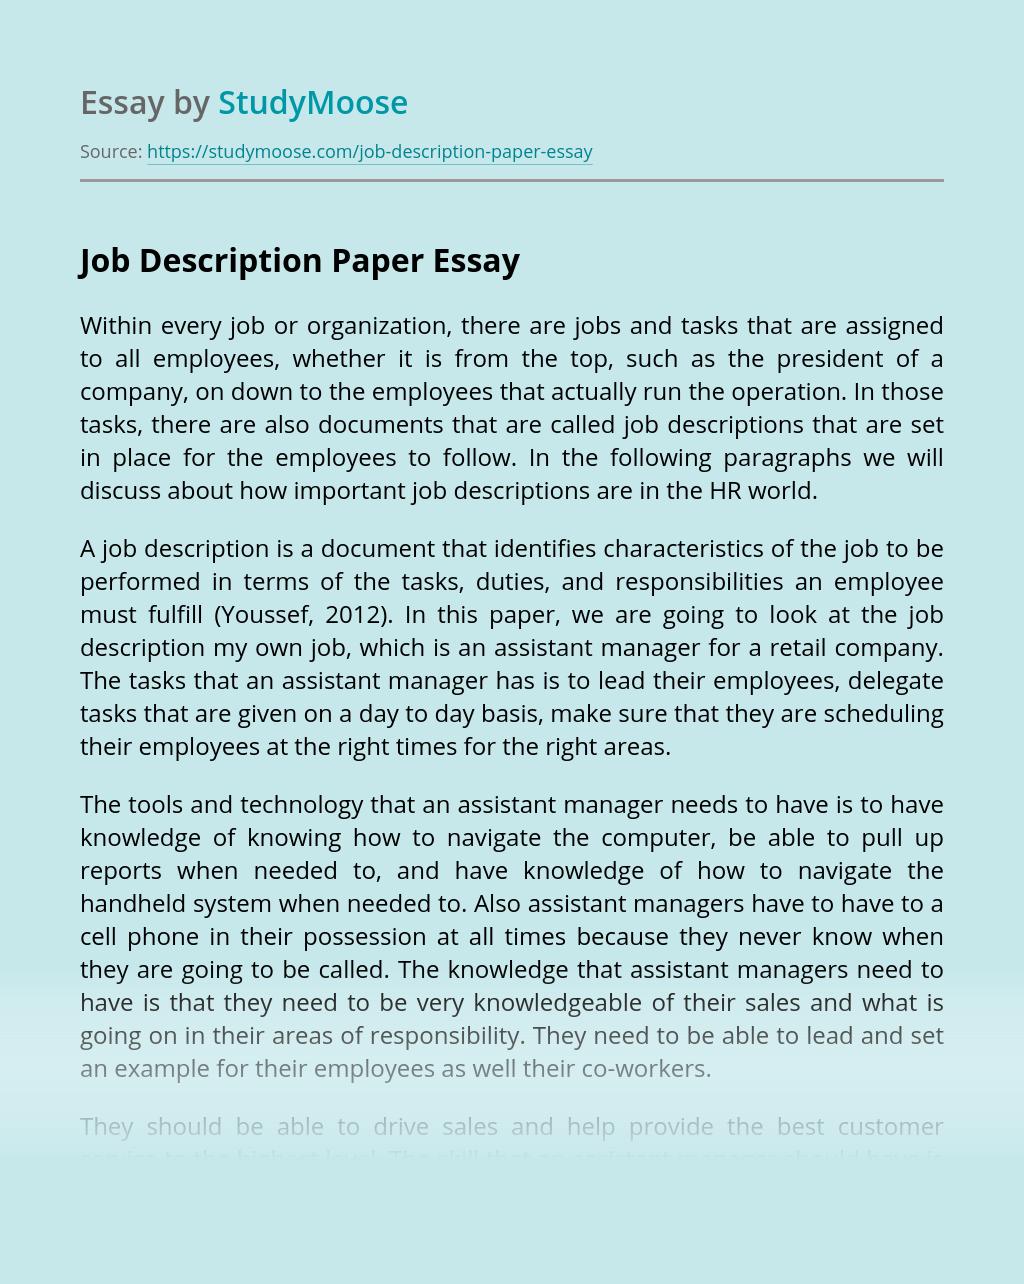 Job Description Paper